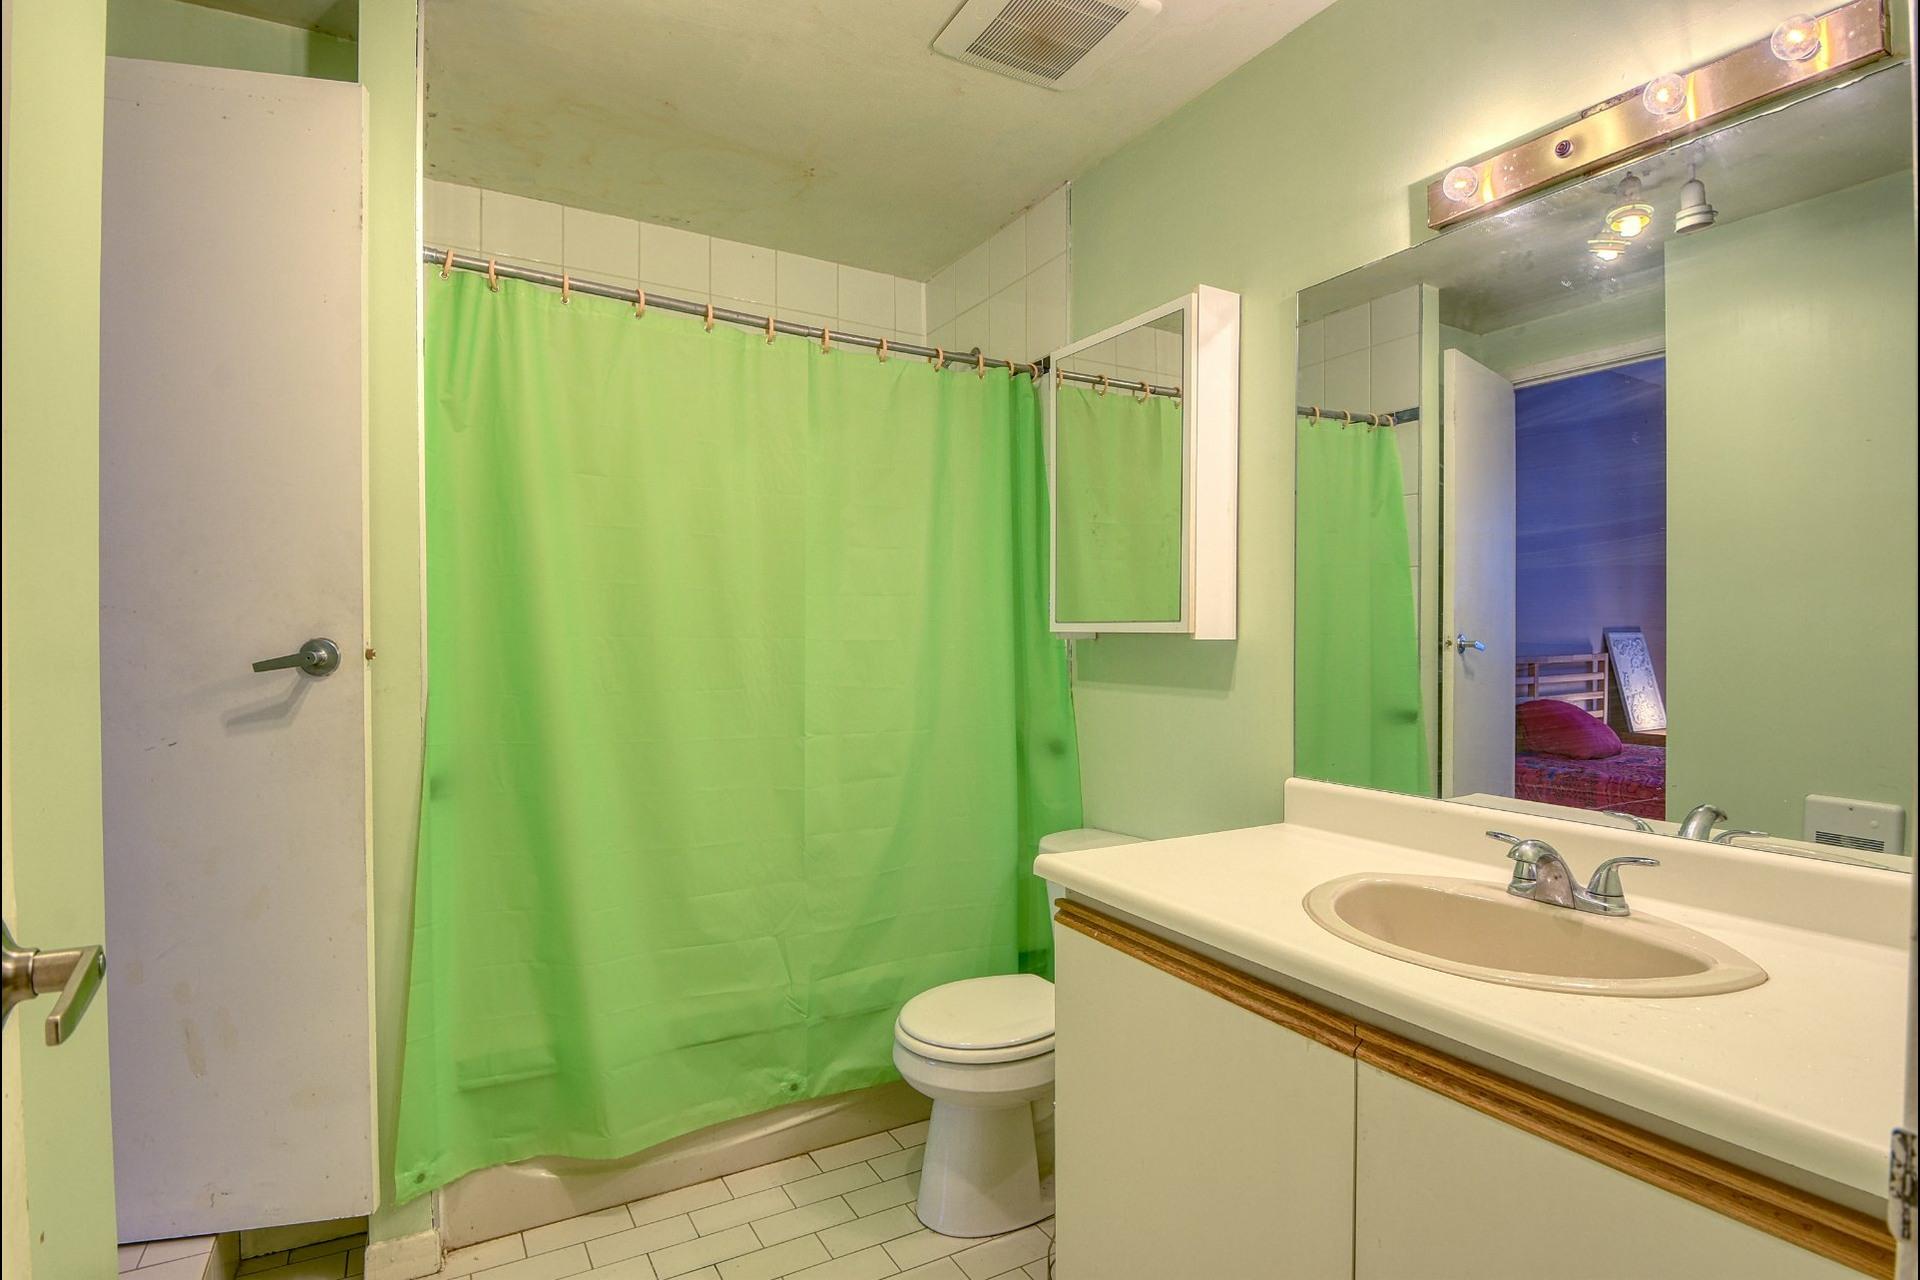 image 14 - Appartement À vendre Le Plateau-Mont-Royal Montréal  - 5 pièces